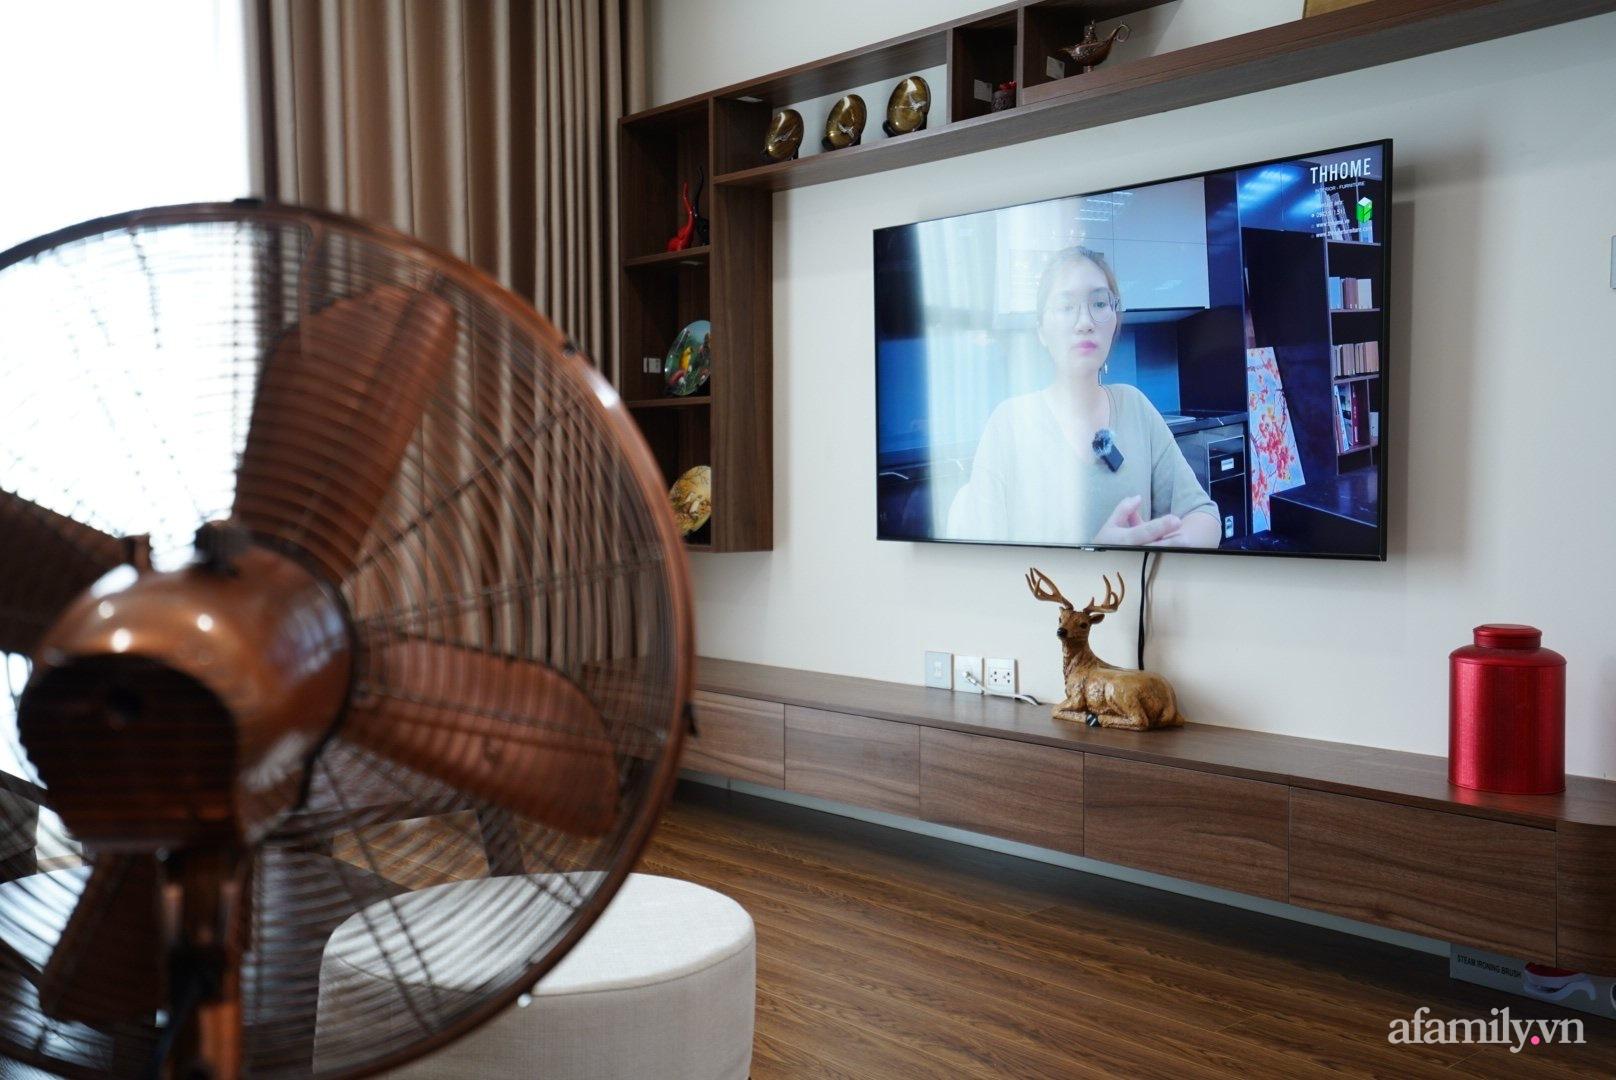 Căn hộ 107m2 đẹp sang trọng với nội thất màu gỗ óc chó có chi phí hoàn thiện 150 triệu đồng ở Hà Nội - Ảnh 3.